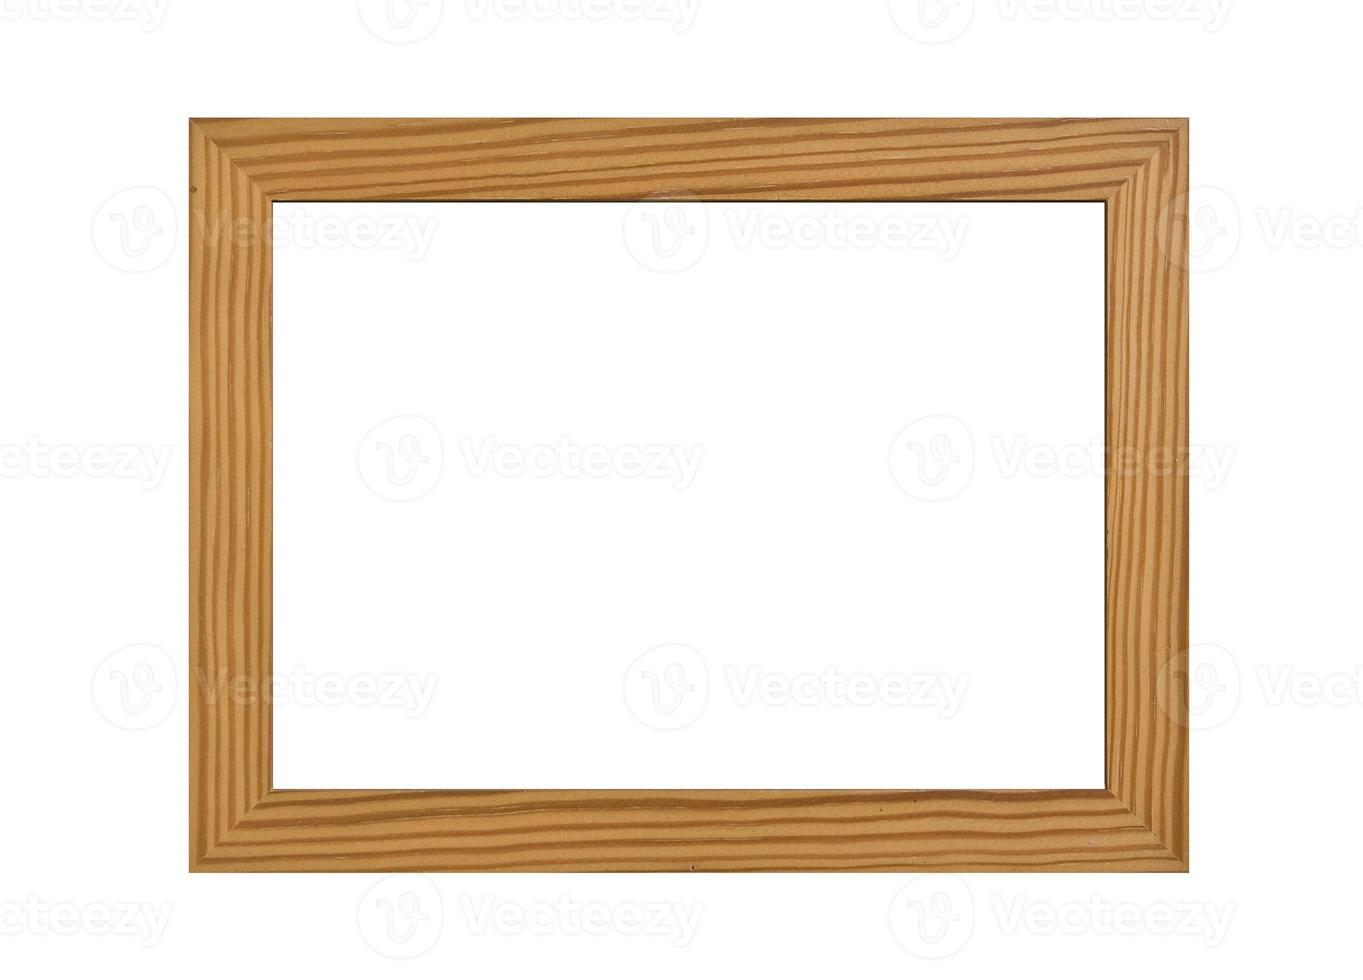 moldura de madeira foto